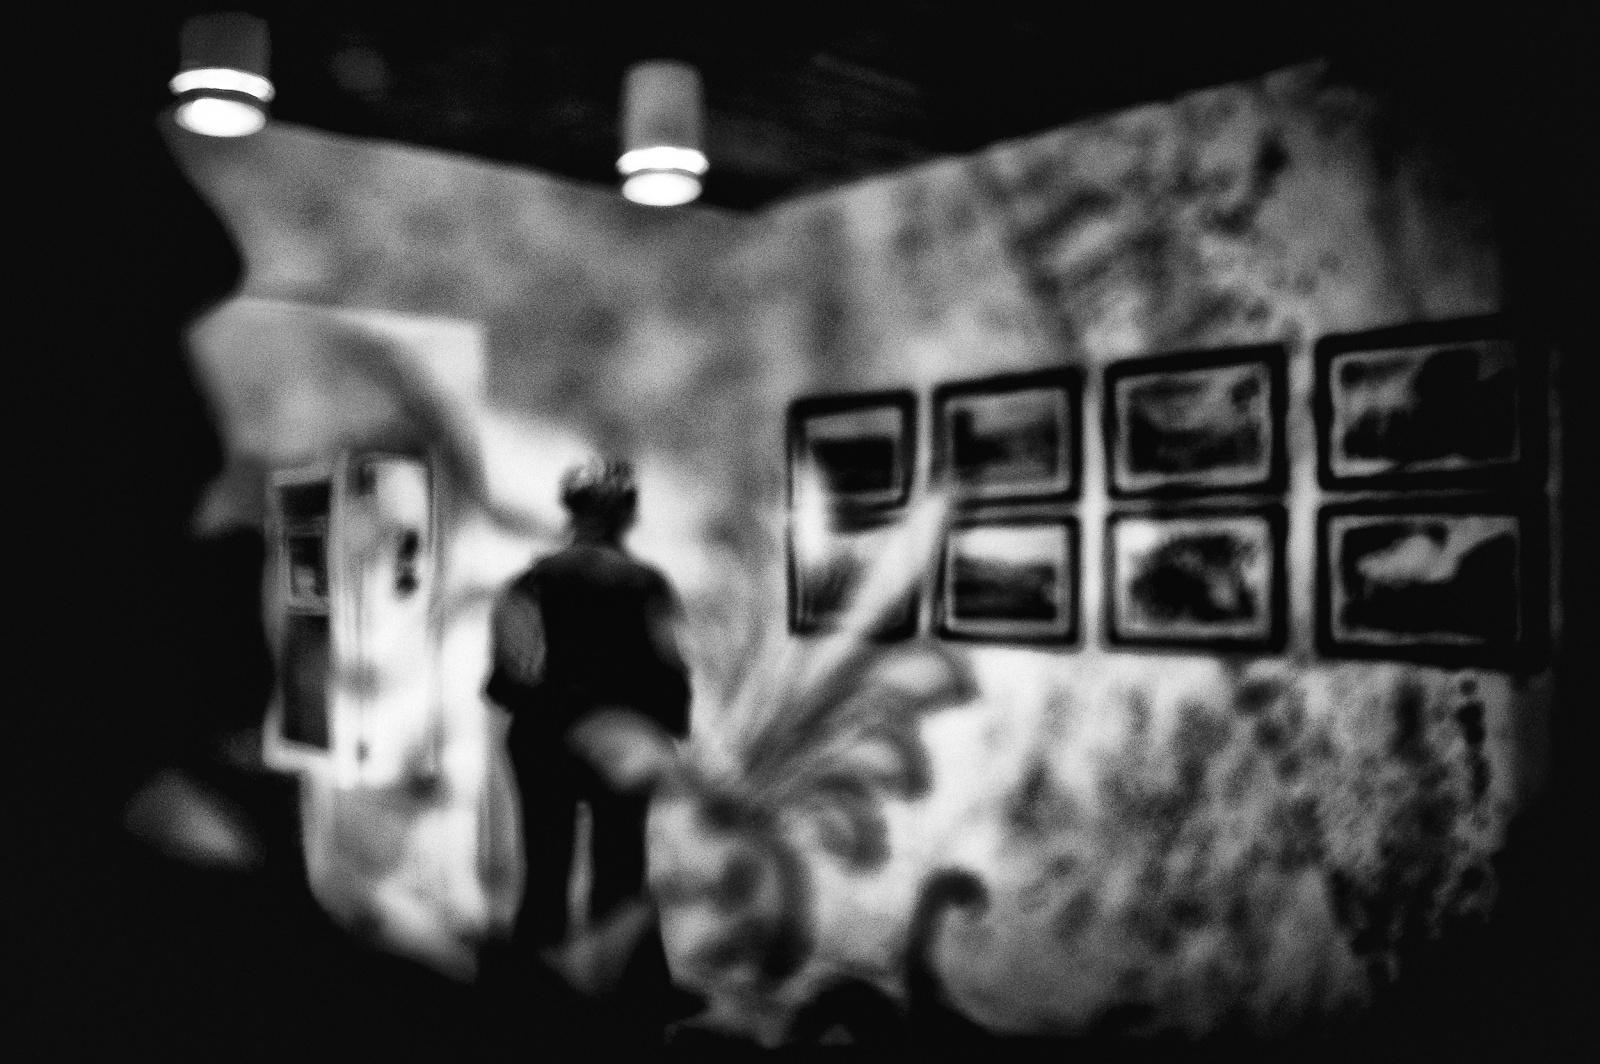 02. Psycho Killer - Lui era lì, non sapeva dove ma, era proprio lì che voleva essere. Lei apparve, inaspettatamente, dove Lui non avrebbe potuto immaginare, come materializzata dalla sua ossessione. Lei osservava isolata dal contesto, con rilassato interesse, una serie di foto che sembravano incantarla. Solo un vetro sottile, decorato con delicati disegni ma ruvido, opaco, sporco, come il suo stato mentale, lo separava da lei. Lentamente, il malessere, che da sempre lo seguiva come un'ombra si stava impossessando del suo volere. Un passato torbido e cupo stava occupando la sua mente. Un senso di calore opprimente gli stava facendo perdere il senso della realtà. Il sudore alle mani e sul viso gli fecero capire quel che stava accadendo. L'affanno del suo respiro diventato pesante come il suo cuore pulsante lo stava assordando. L'abbondante secrezione di saliva lo costrinse a tenere aperta la bocca; le labbra iniziarono a tremare, la vista offuscata gli deformò la scena. Una forza ignota dissociava la sua identità e, dolorosamente lo lacerava. Non poteva più resistere, qualcosa doveva fare e, sapeva che cosa...  2011 ©renépiras  To be continued...